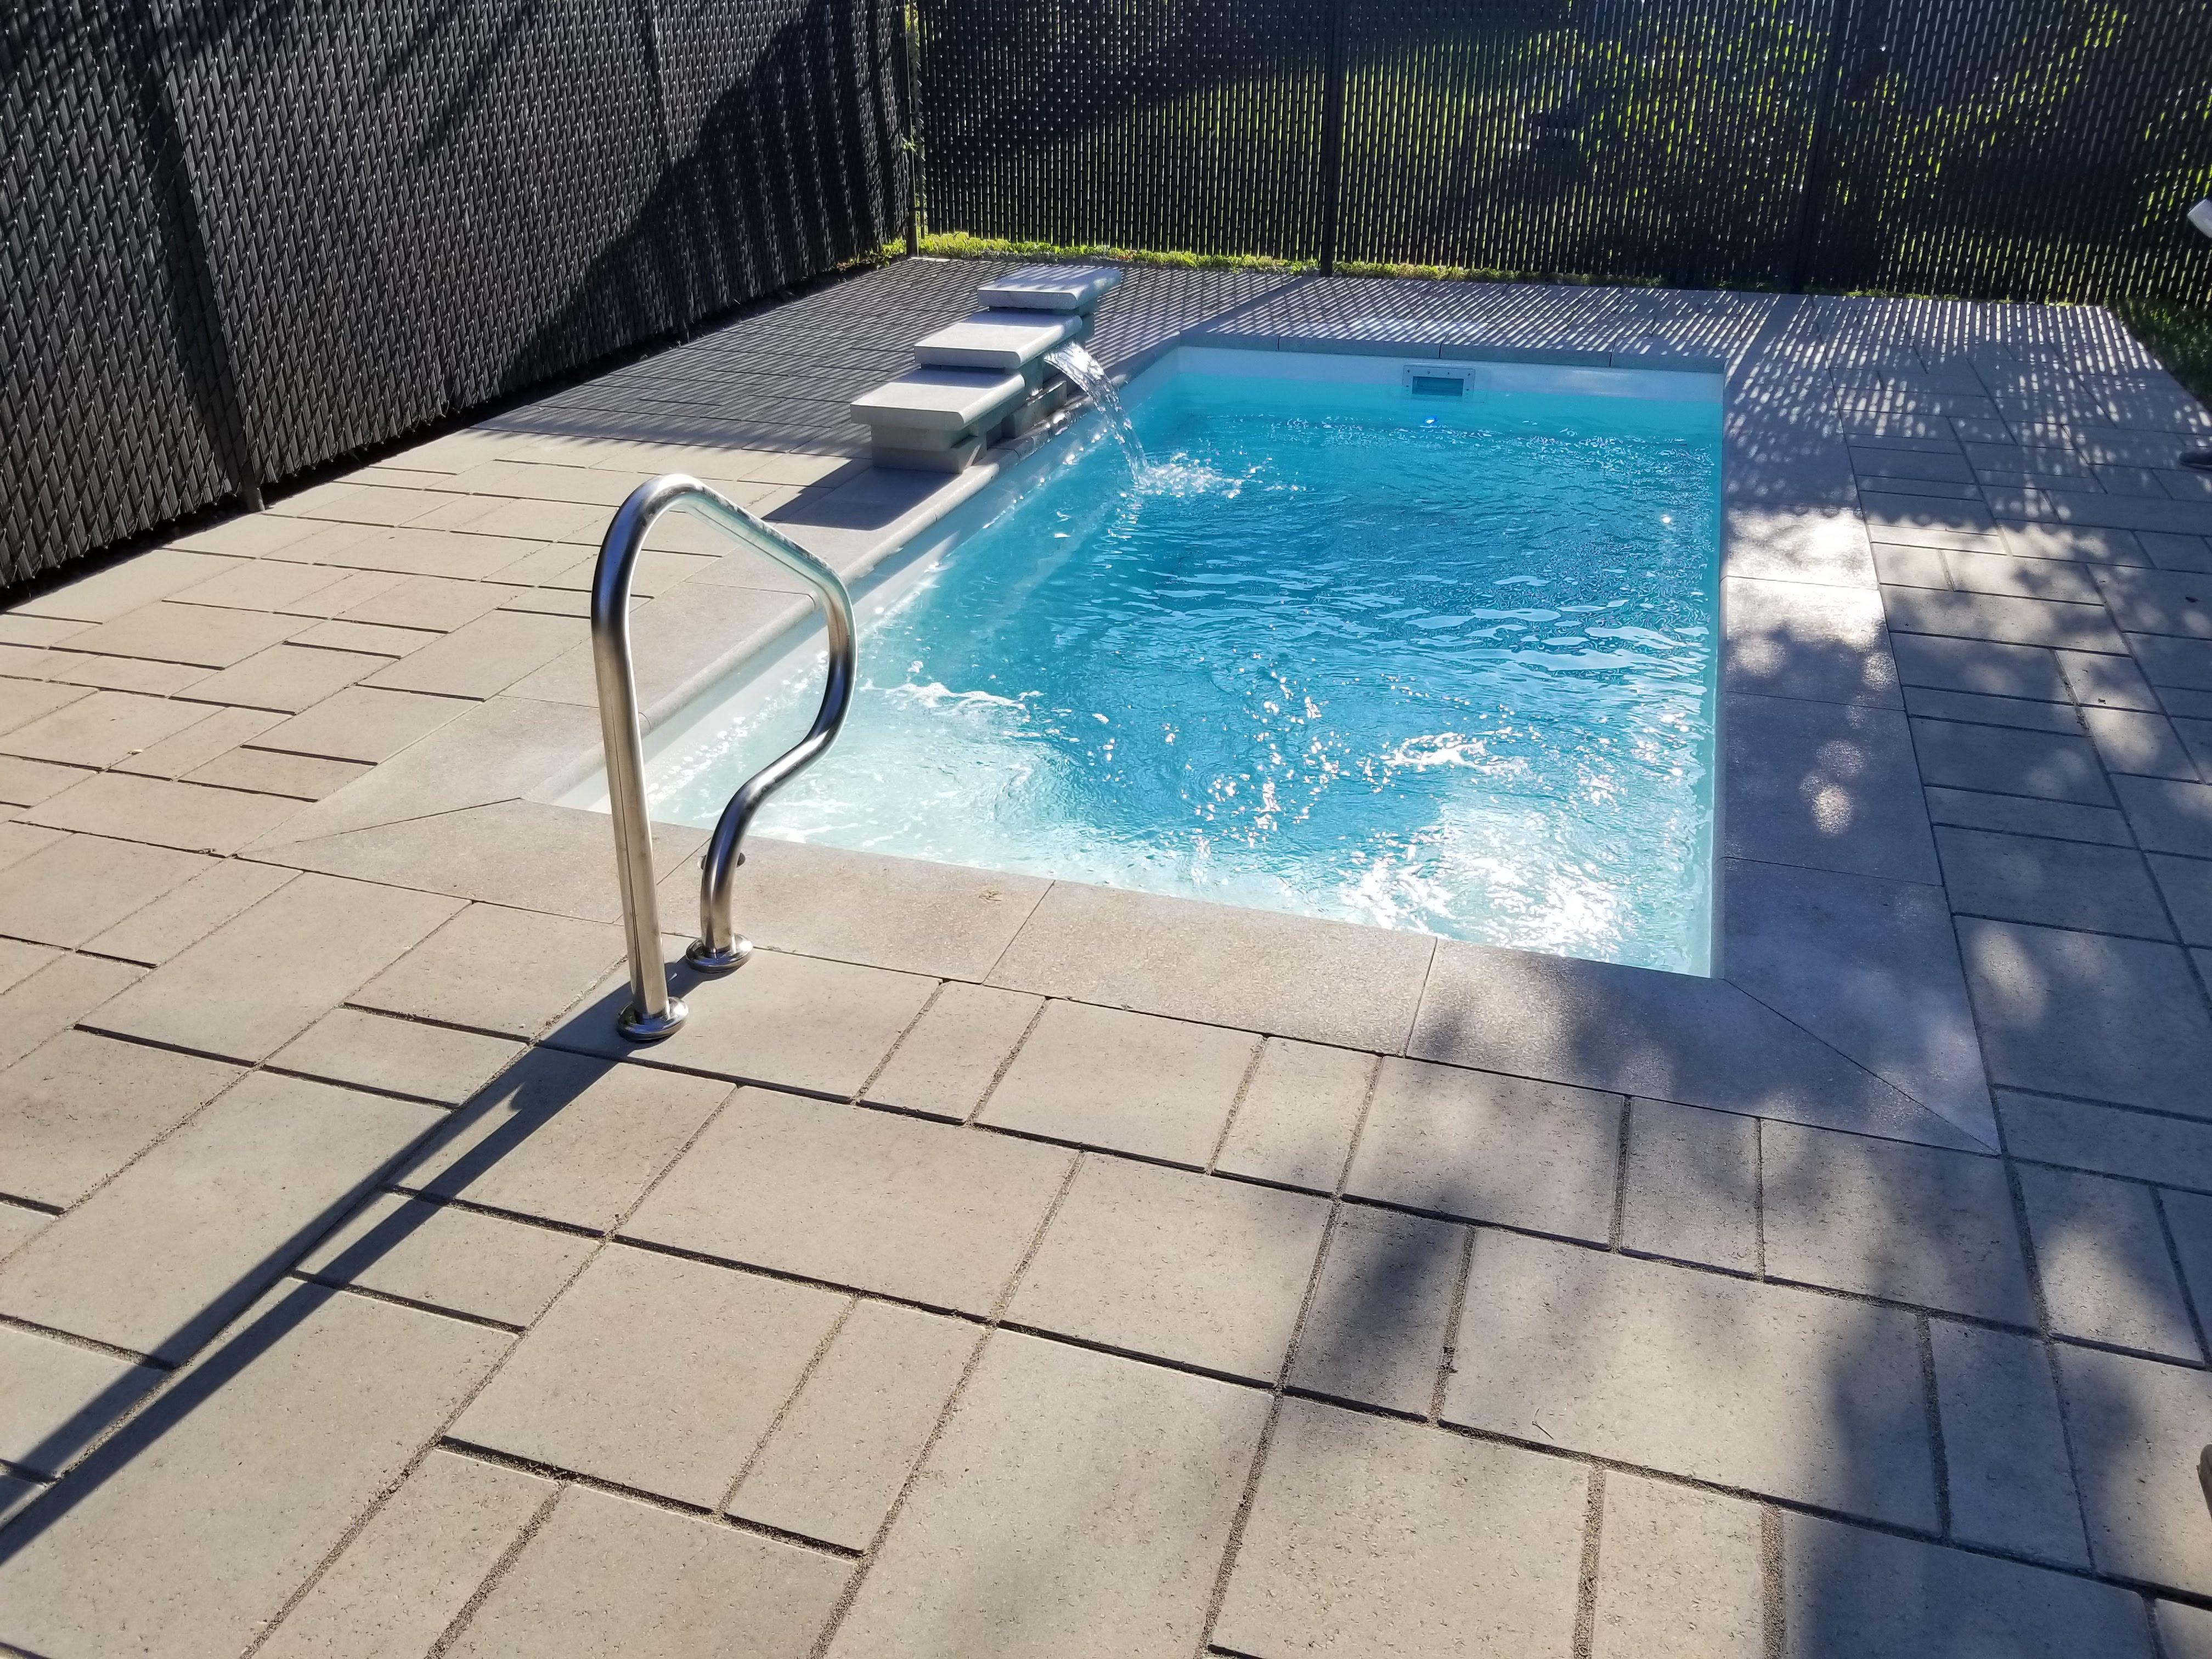 Aménagement piscine creusé, fontaine, cascade d'eau